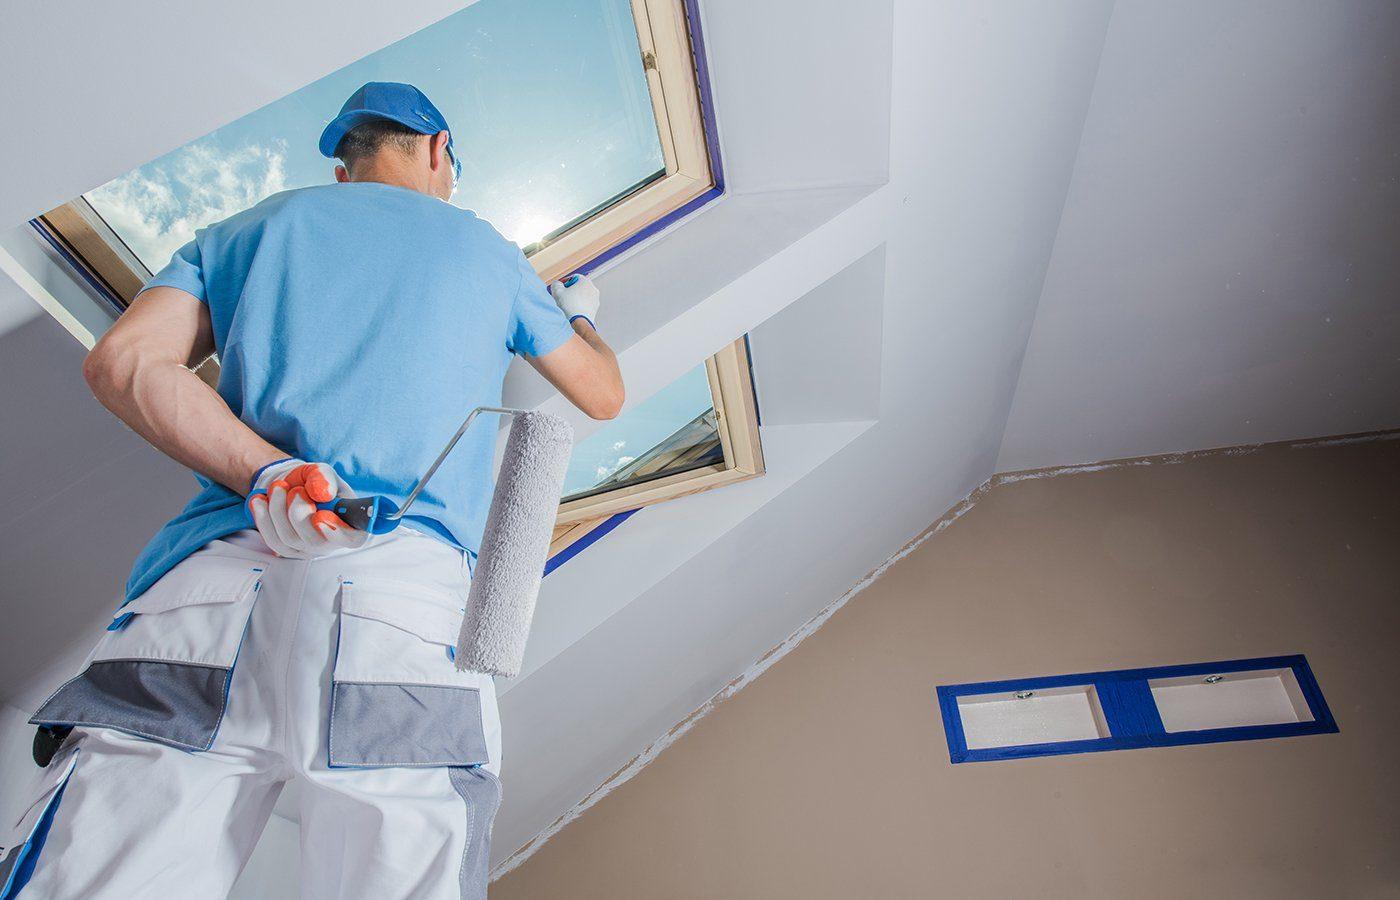 Men Painting Apartment